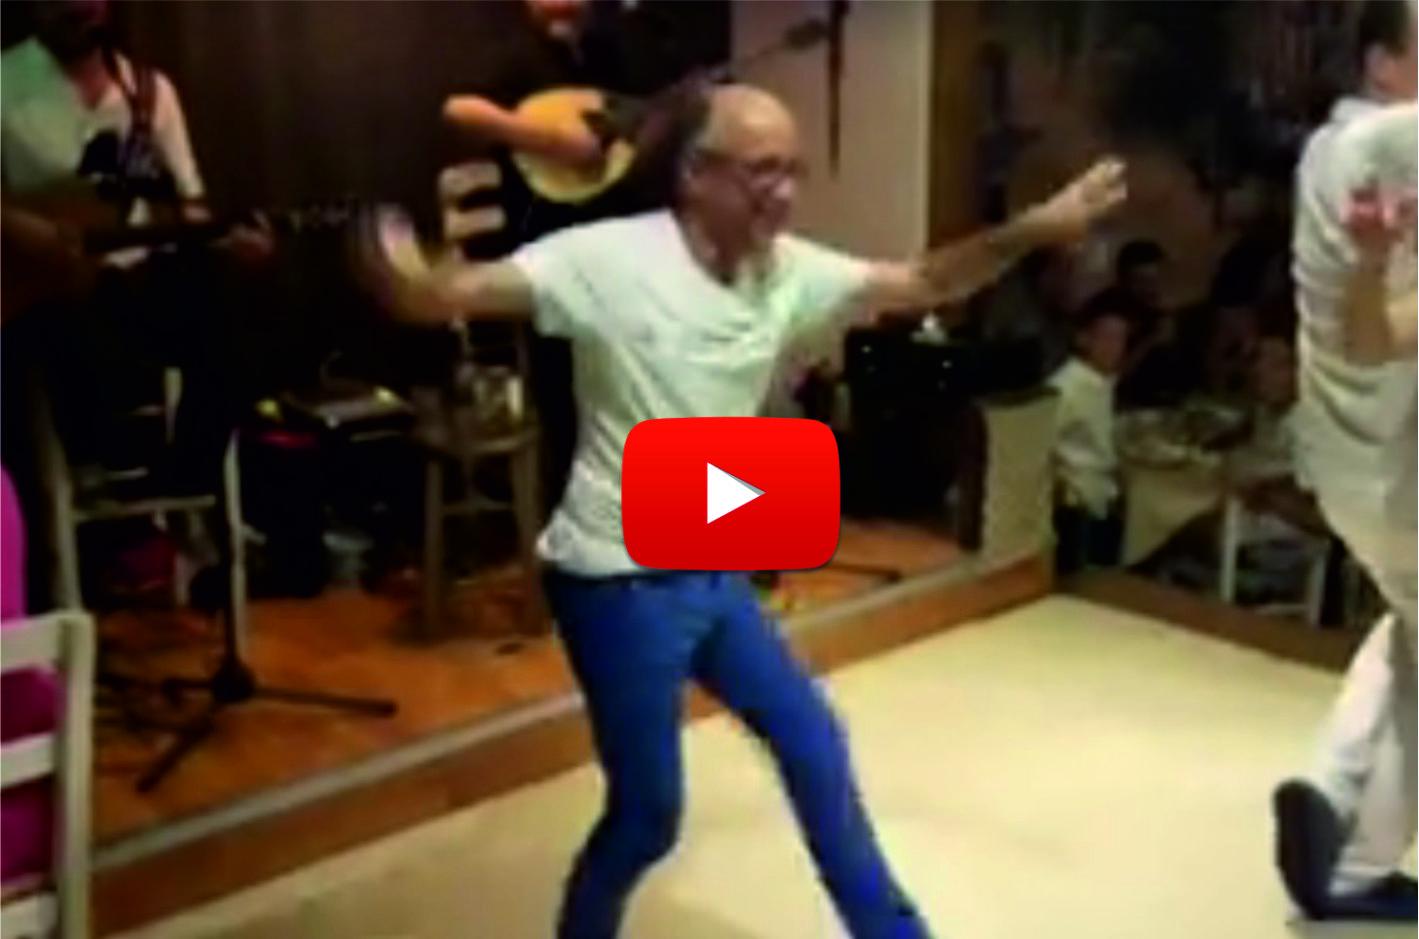 Ще се пръснете от смях! Това видео направи над милион и половина гледания! Вижте този човек какъв танц завъртя! (ВИДЕО)